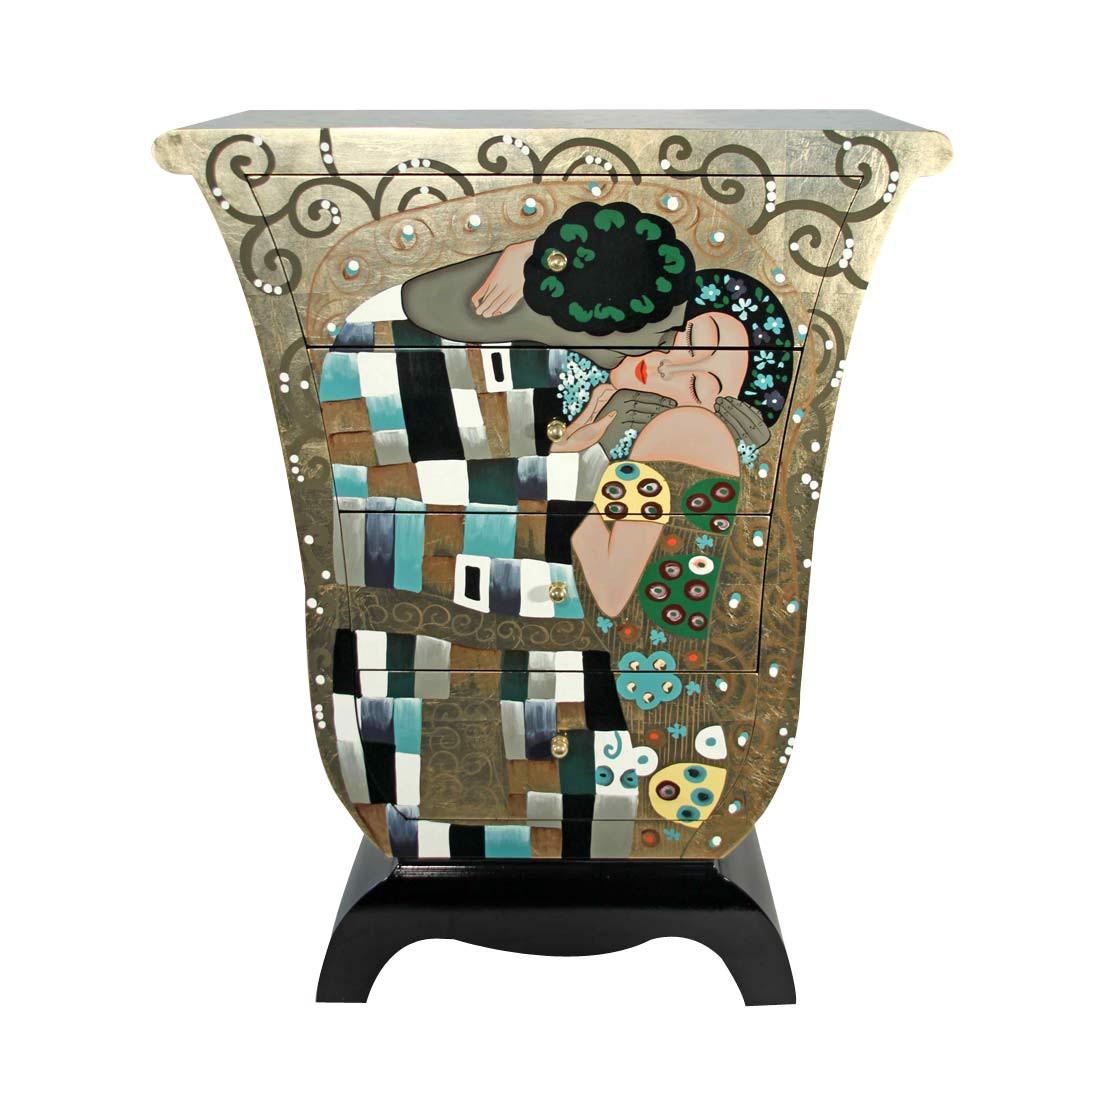 Kommode Der Kuss – in Tulpenform – Mehrfarbig, Art for living online kaufen